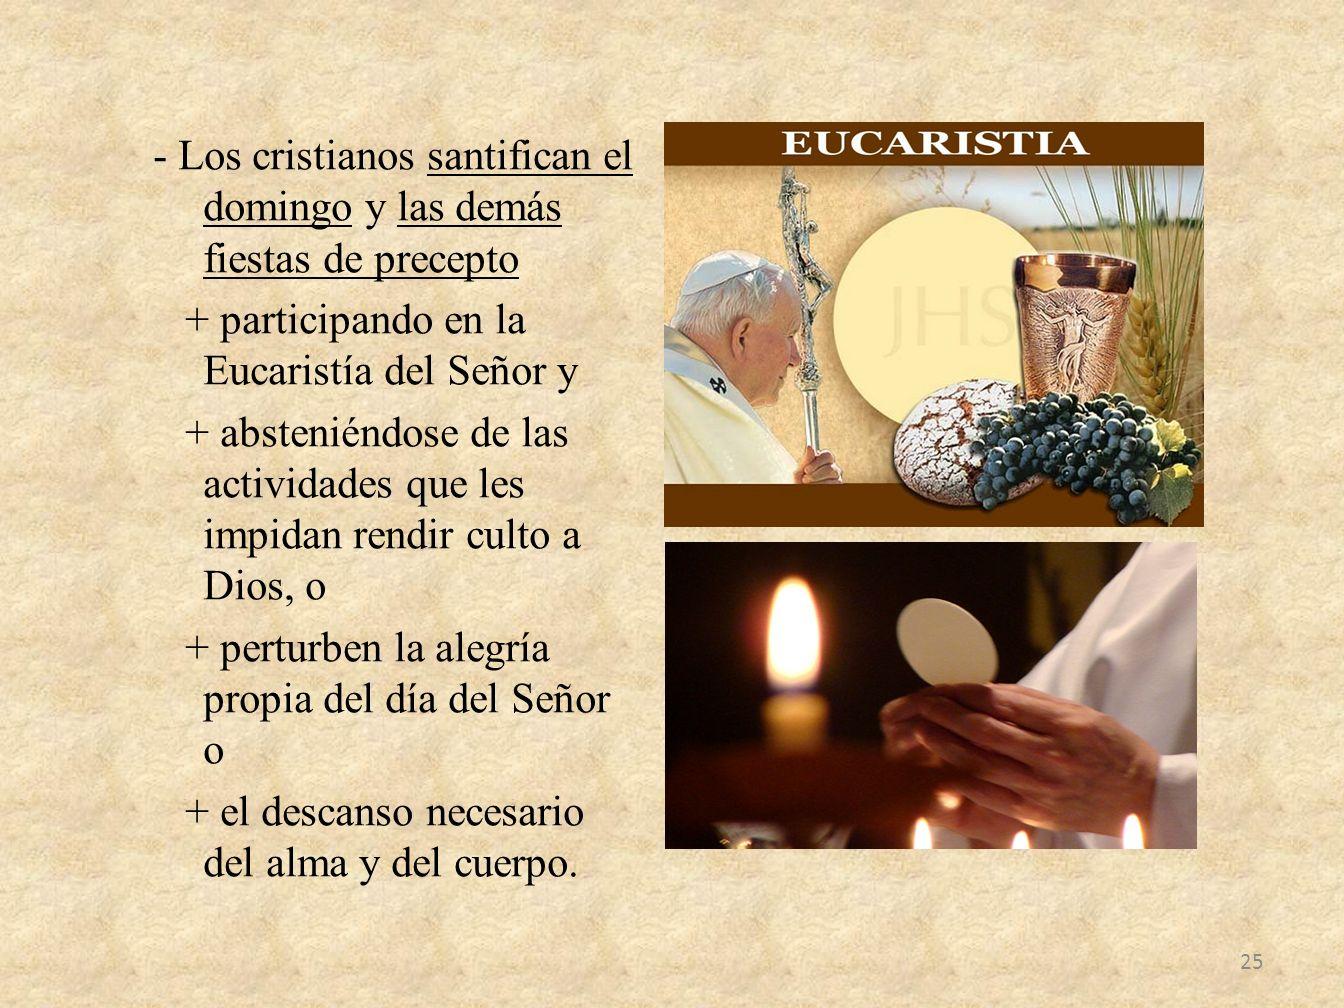 - Los cristianos santifican el domingo y las demás fiestas de precepto + participando en la Eucaristía del Señor y + absteniéndose de las actividades